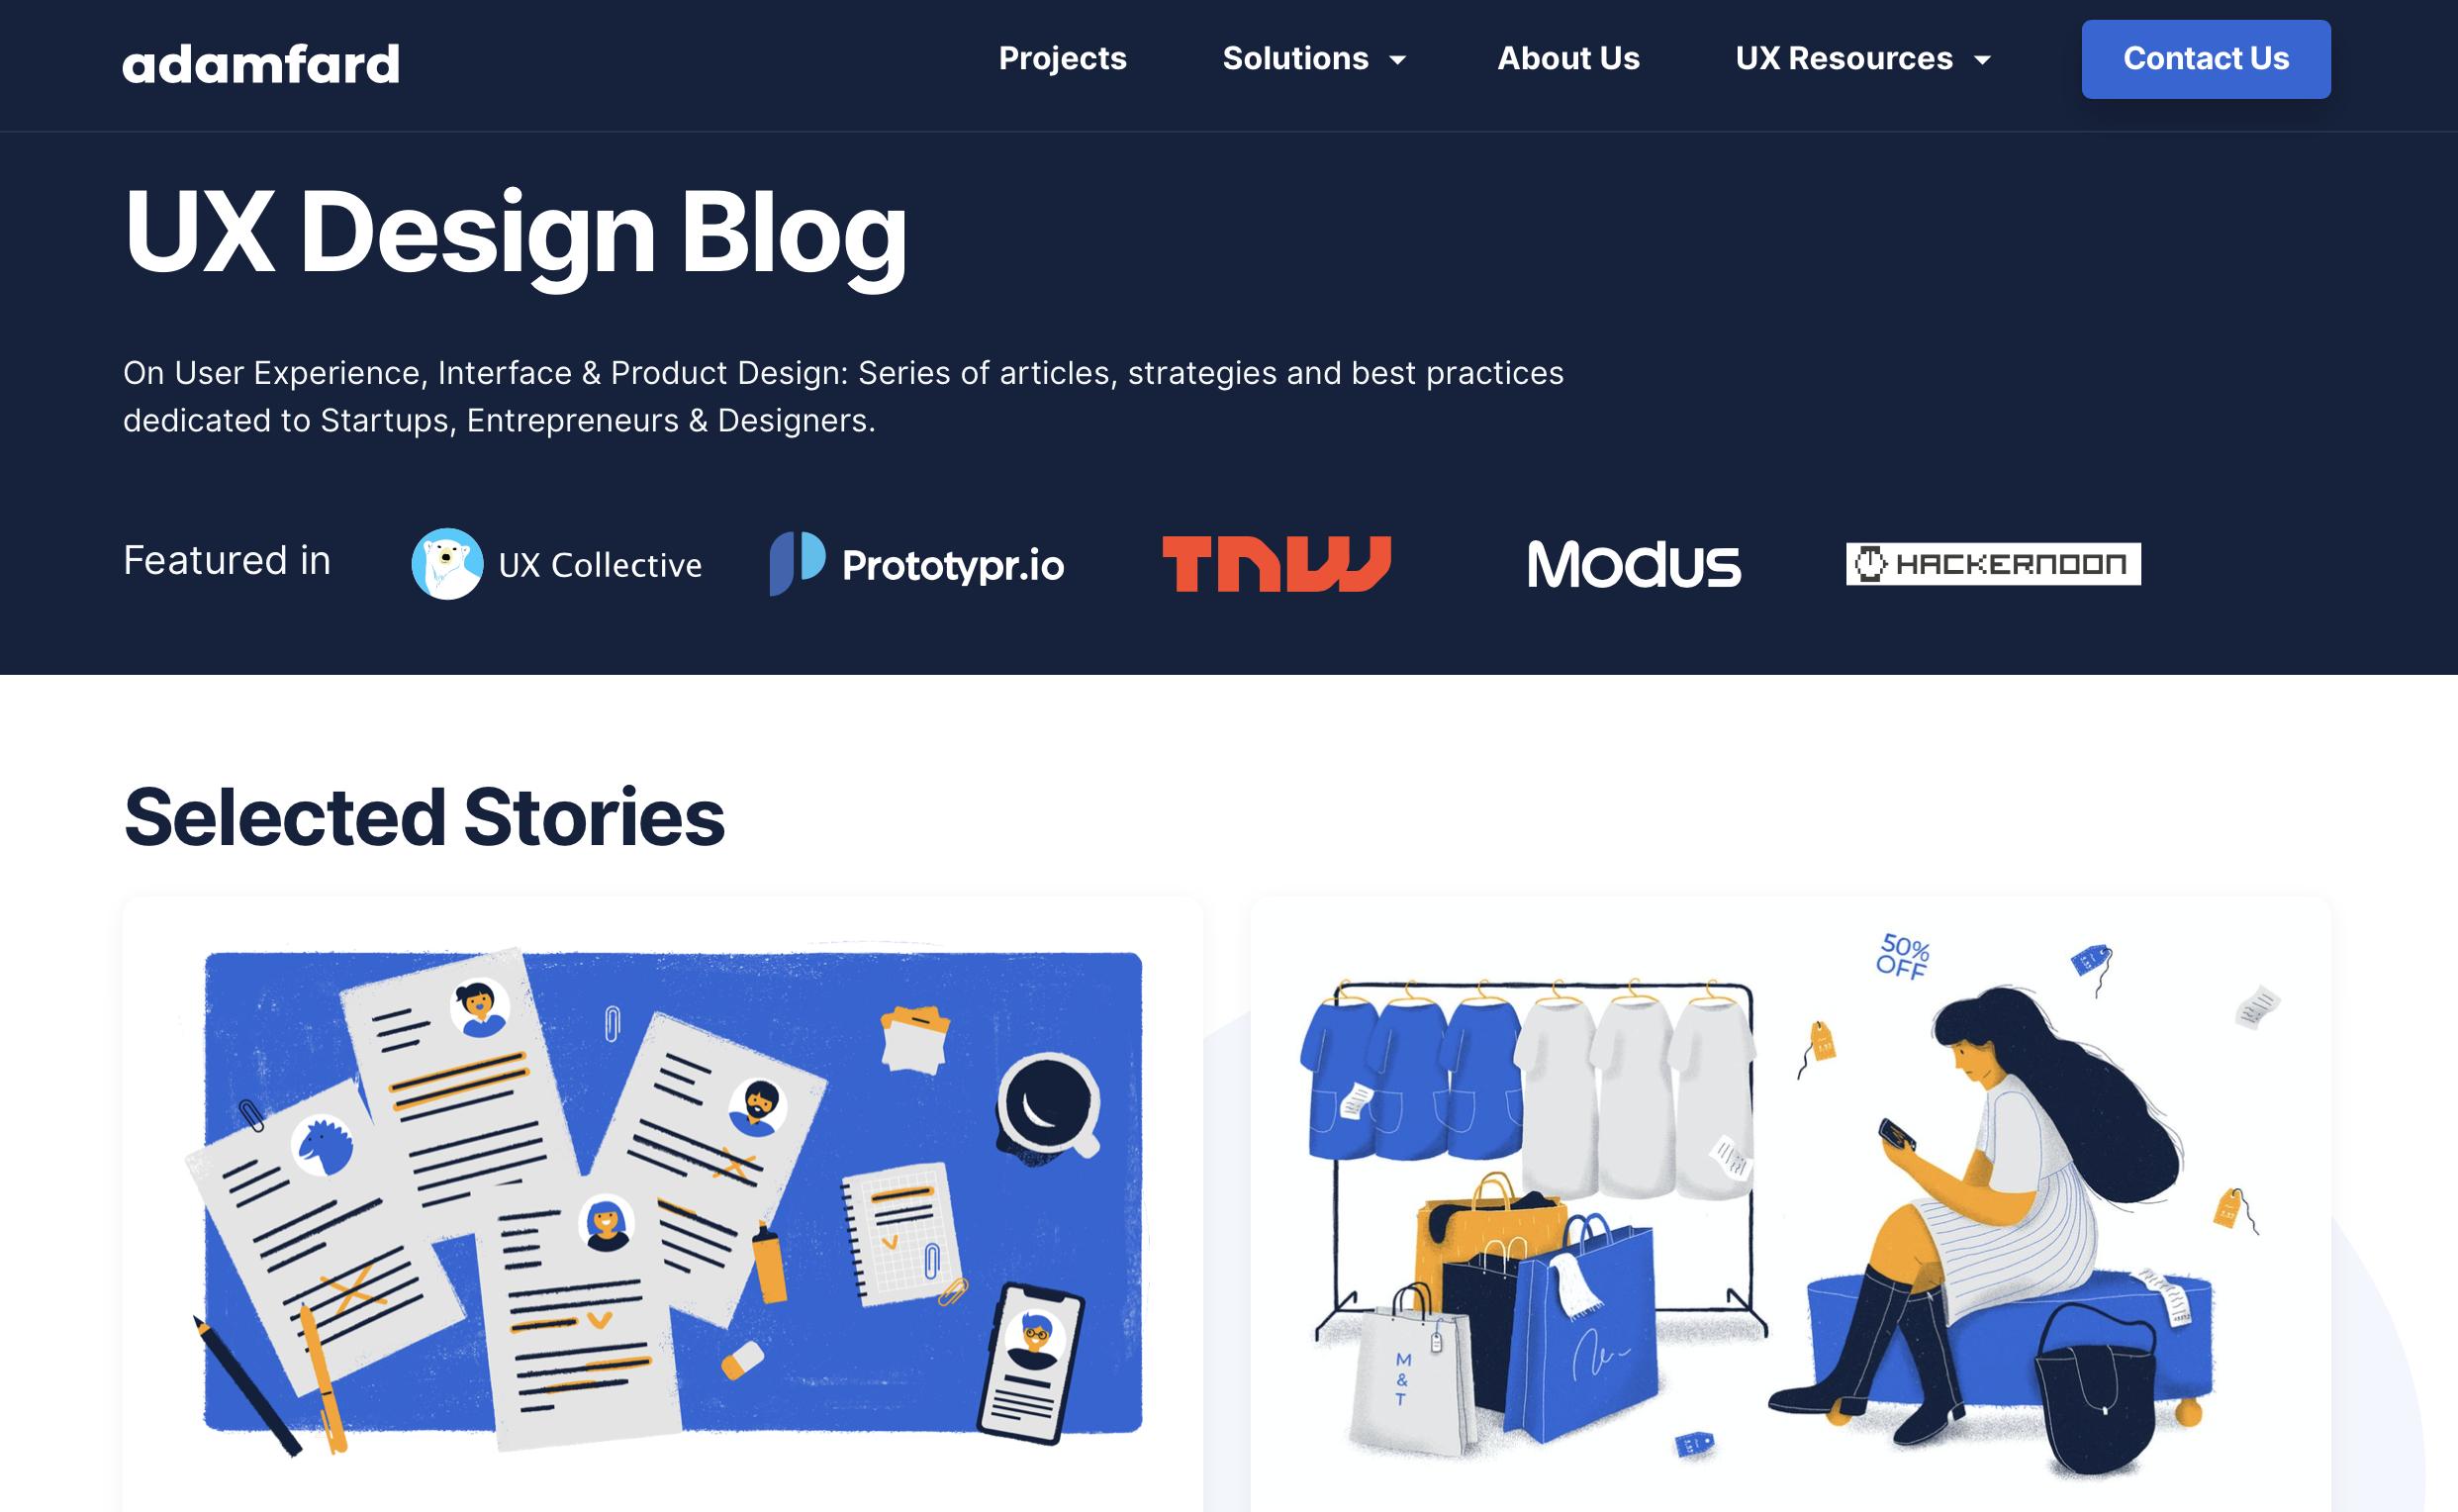 UX Design Blog